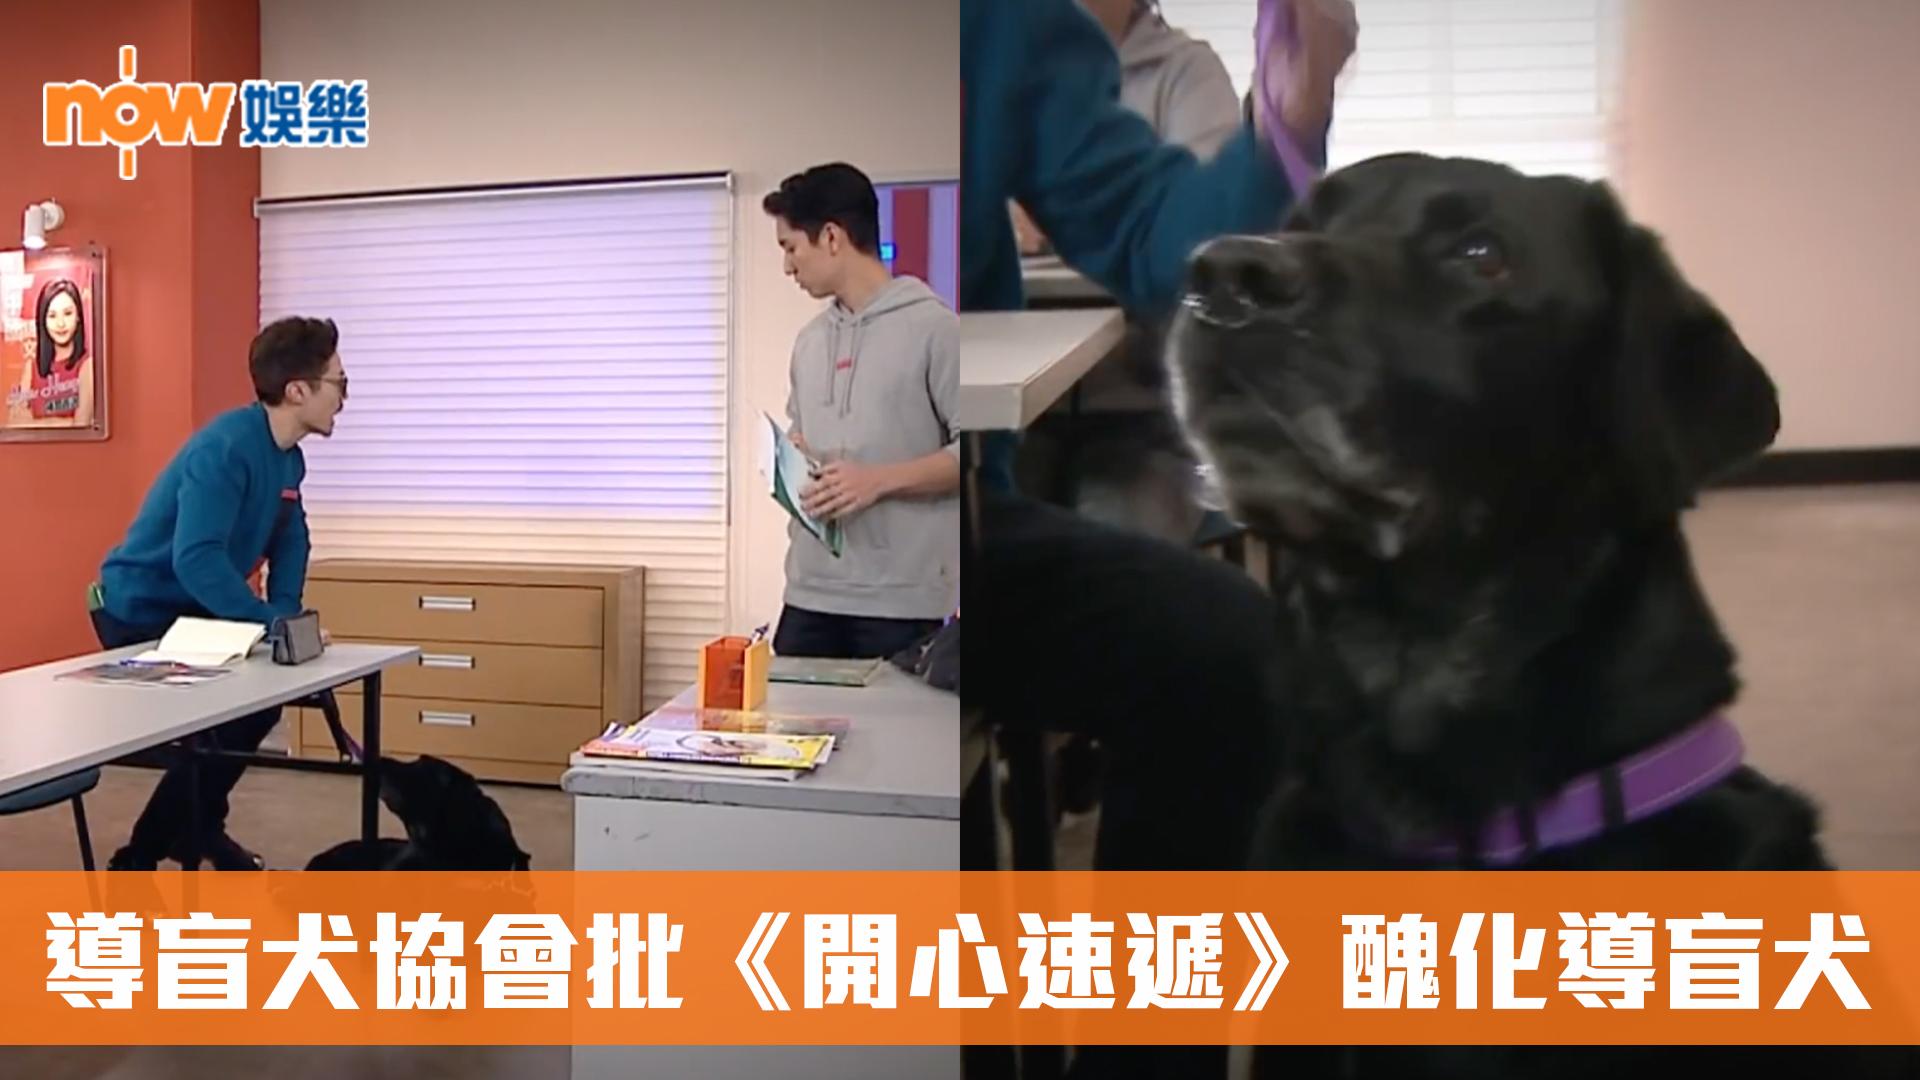 香港導盲犬協會批《開心速遞》情節醜化導盲犬加深歧視